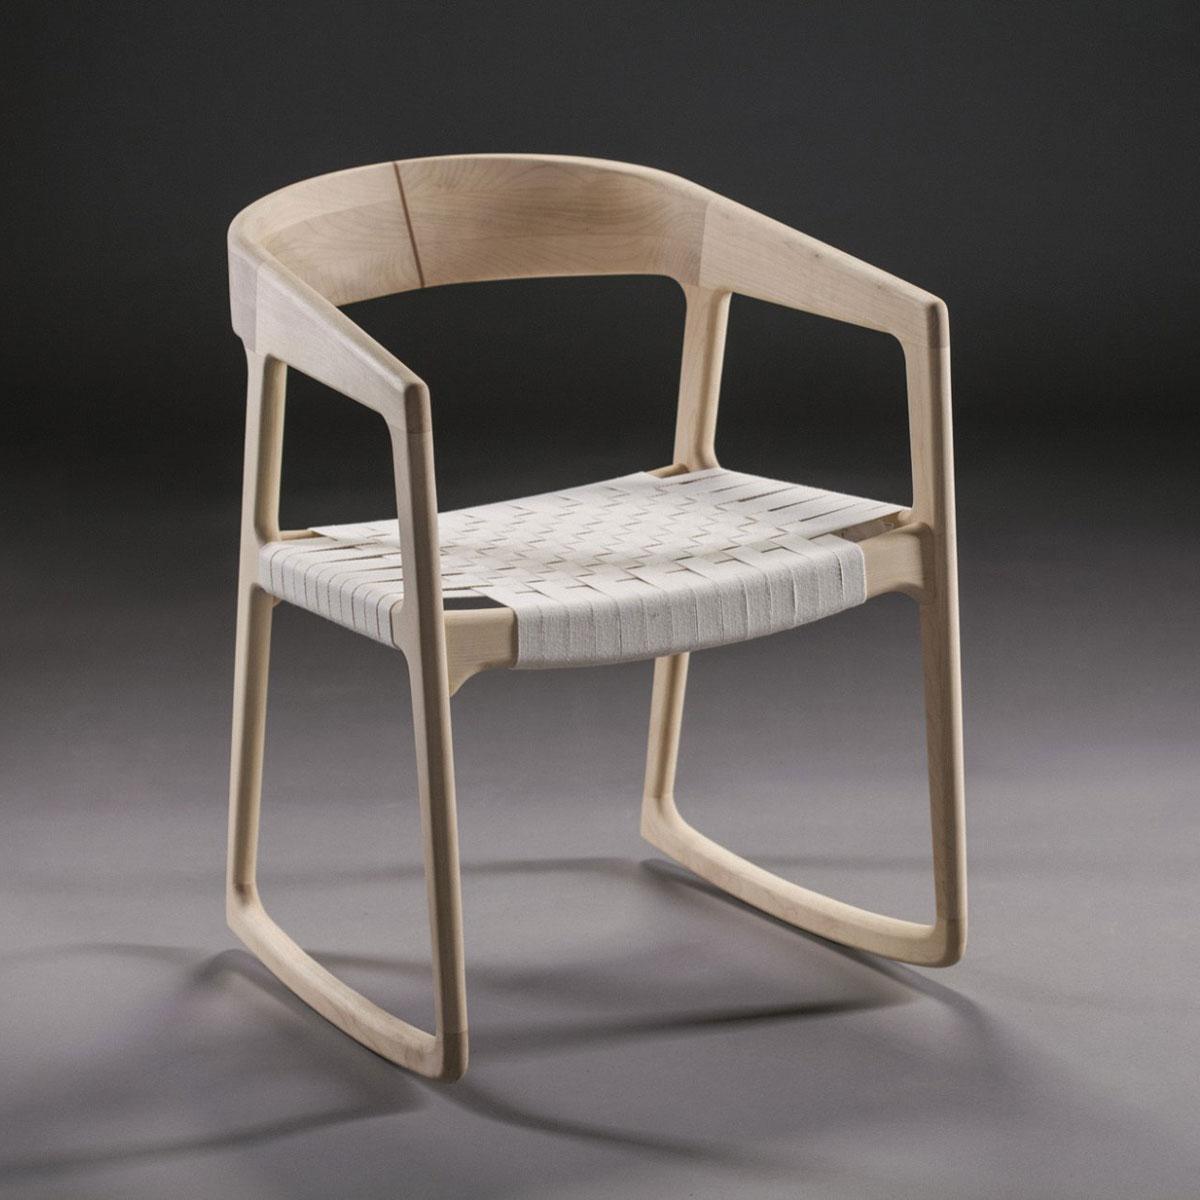 Silla Tesa Swinging, diseño vanguardista en madera de calidad y tapicería a elegir, de producción artesanal europea